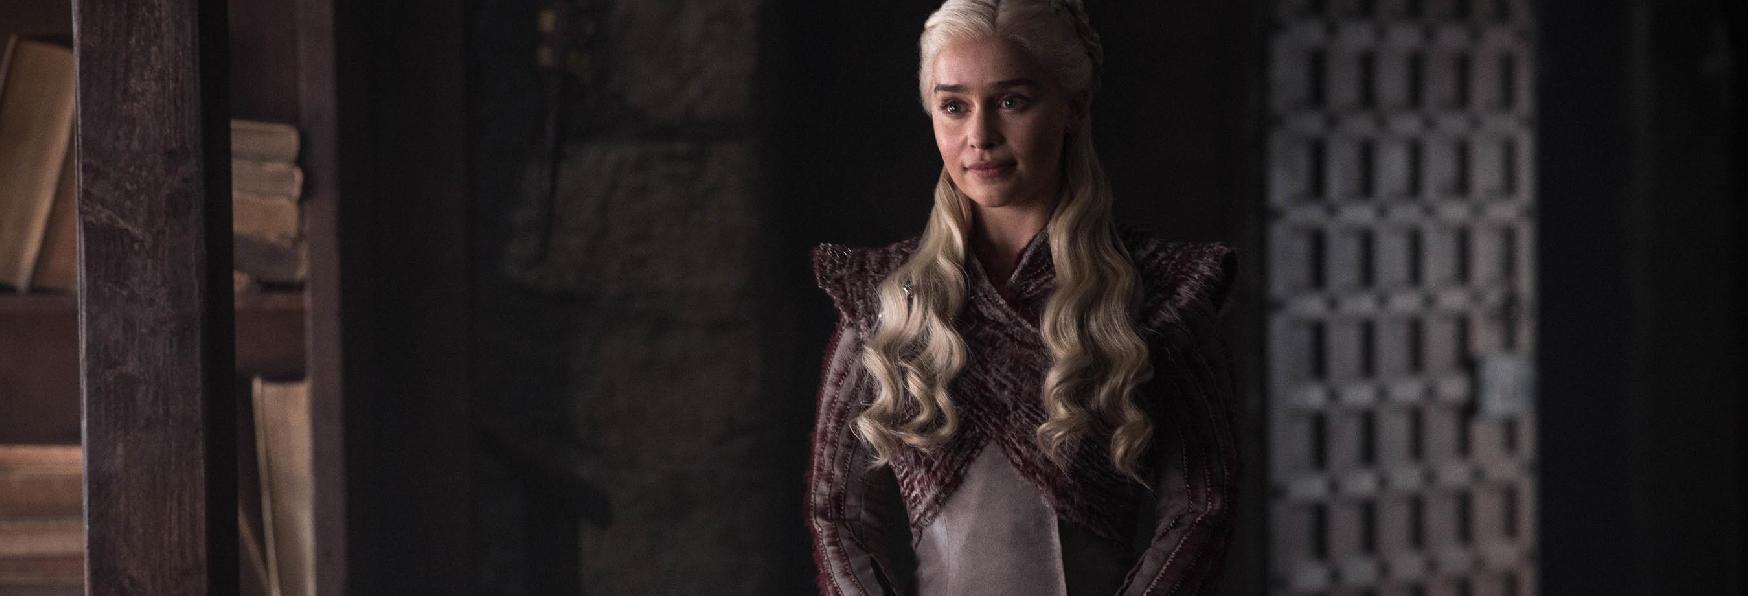 Game of Thrones: Recensione dell'Episodio 8x02 (A Knight of the Seven Kingdoms), e Teaser della Puntata 8x03